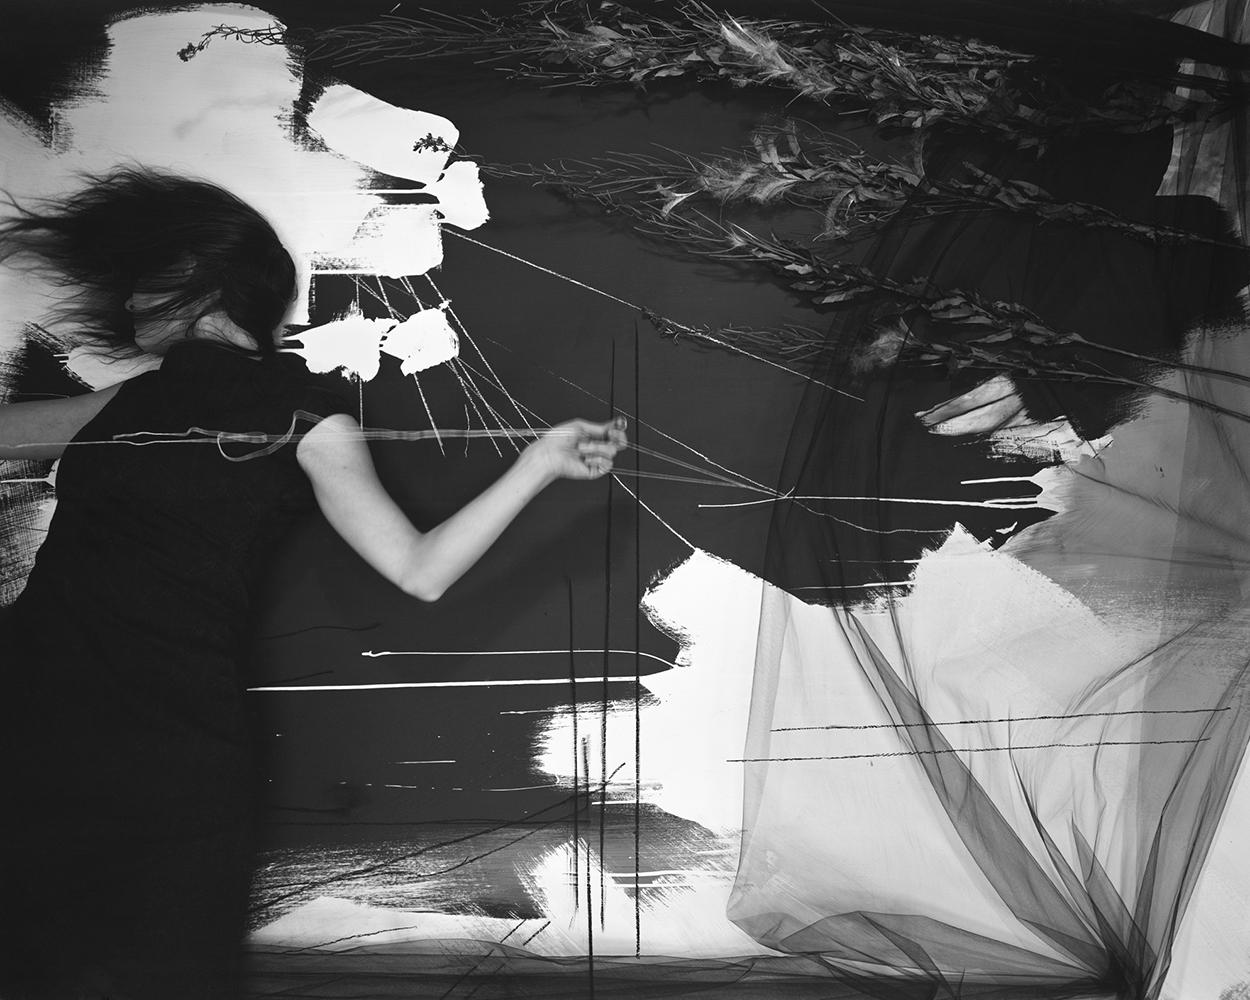 Lauren Semivan,  The Plumb Line,  2014. Archival pigment print.